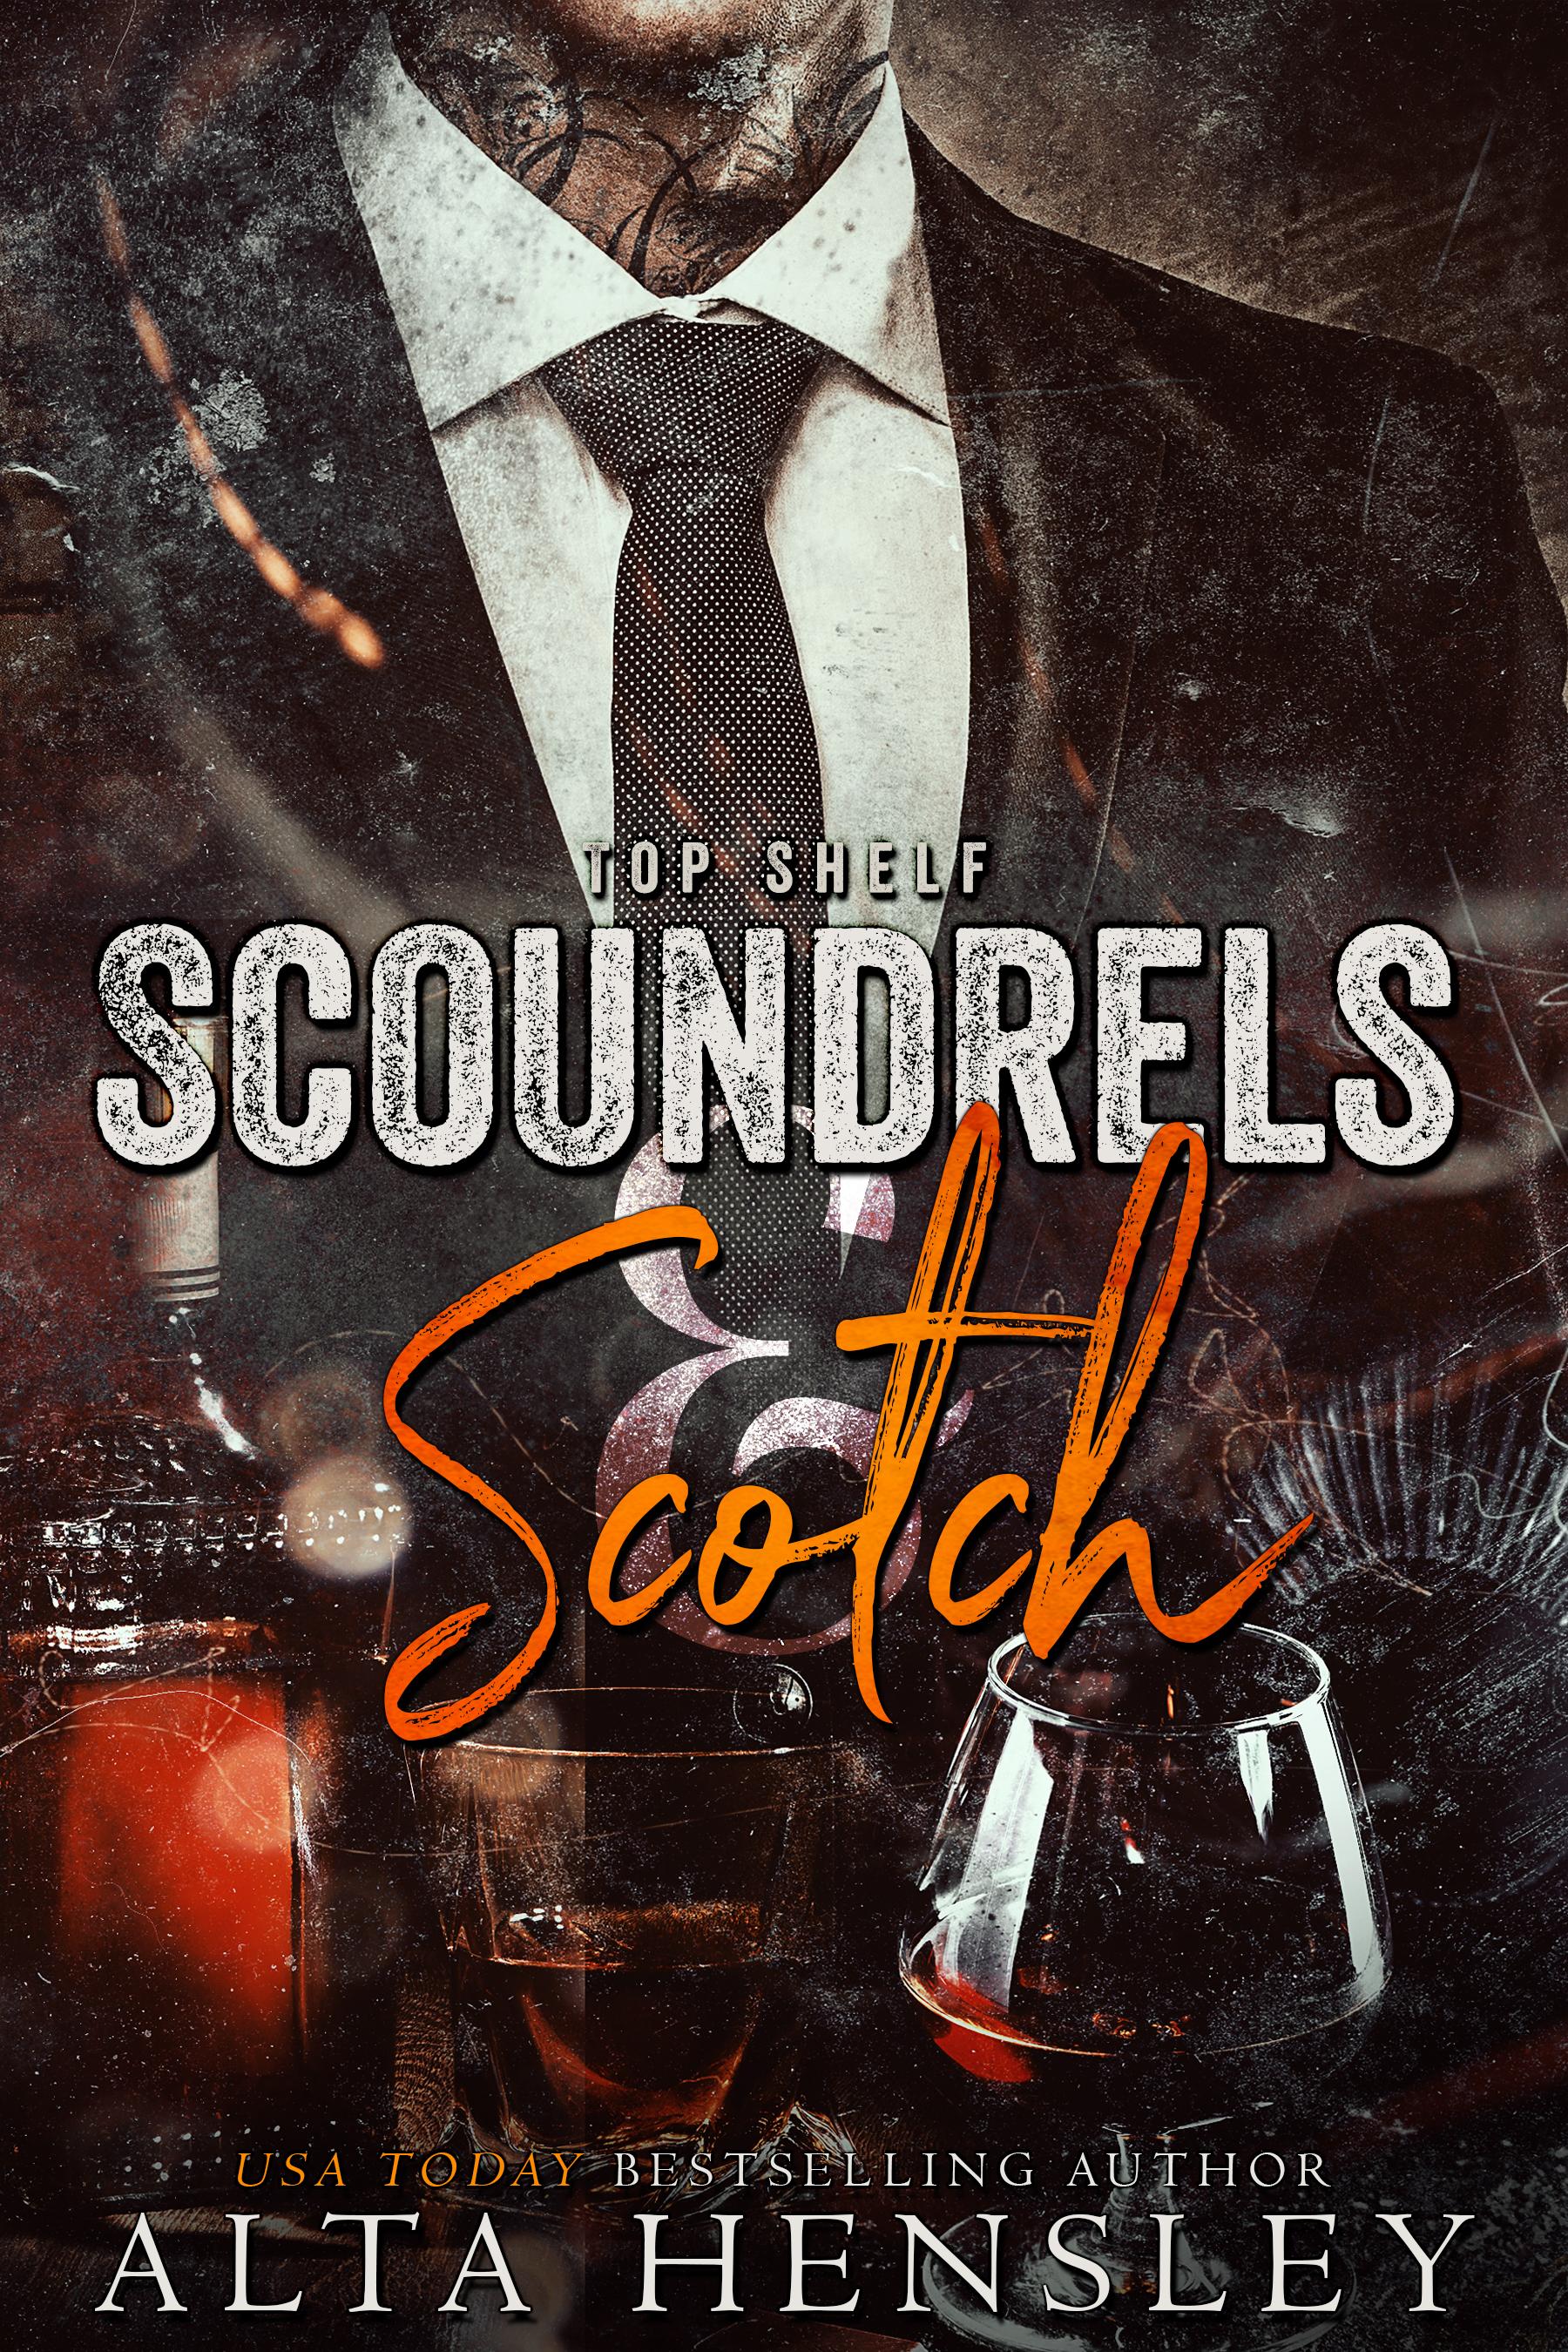 Scoundrels-Scotch-customdesign-JayAeer2017-eBook-complete.jpg